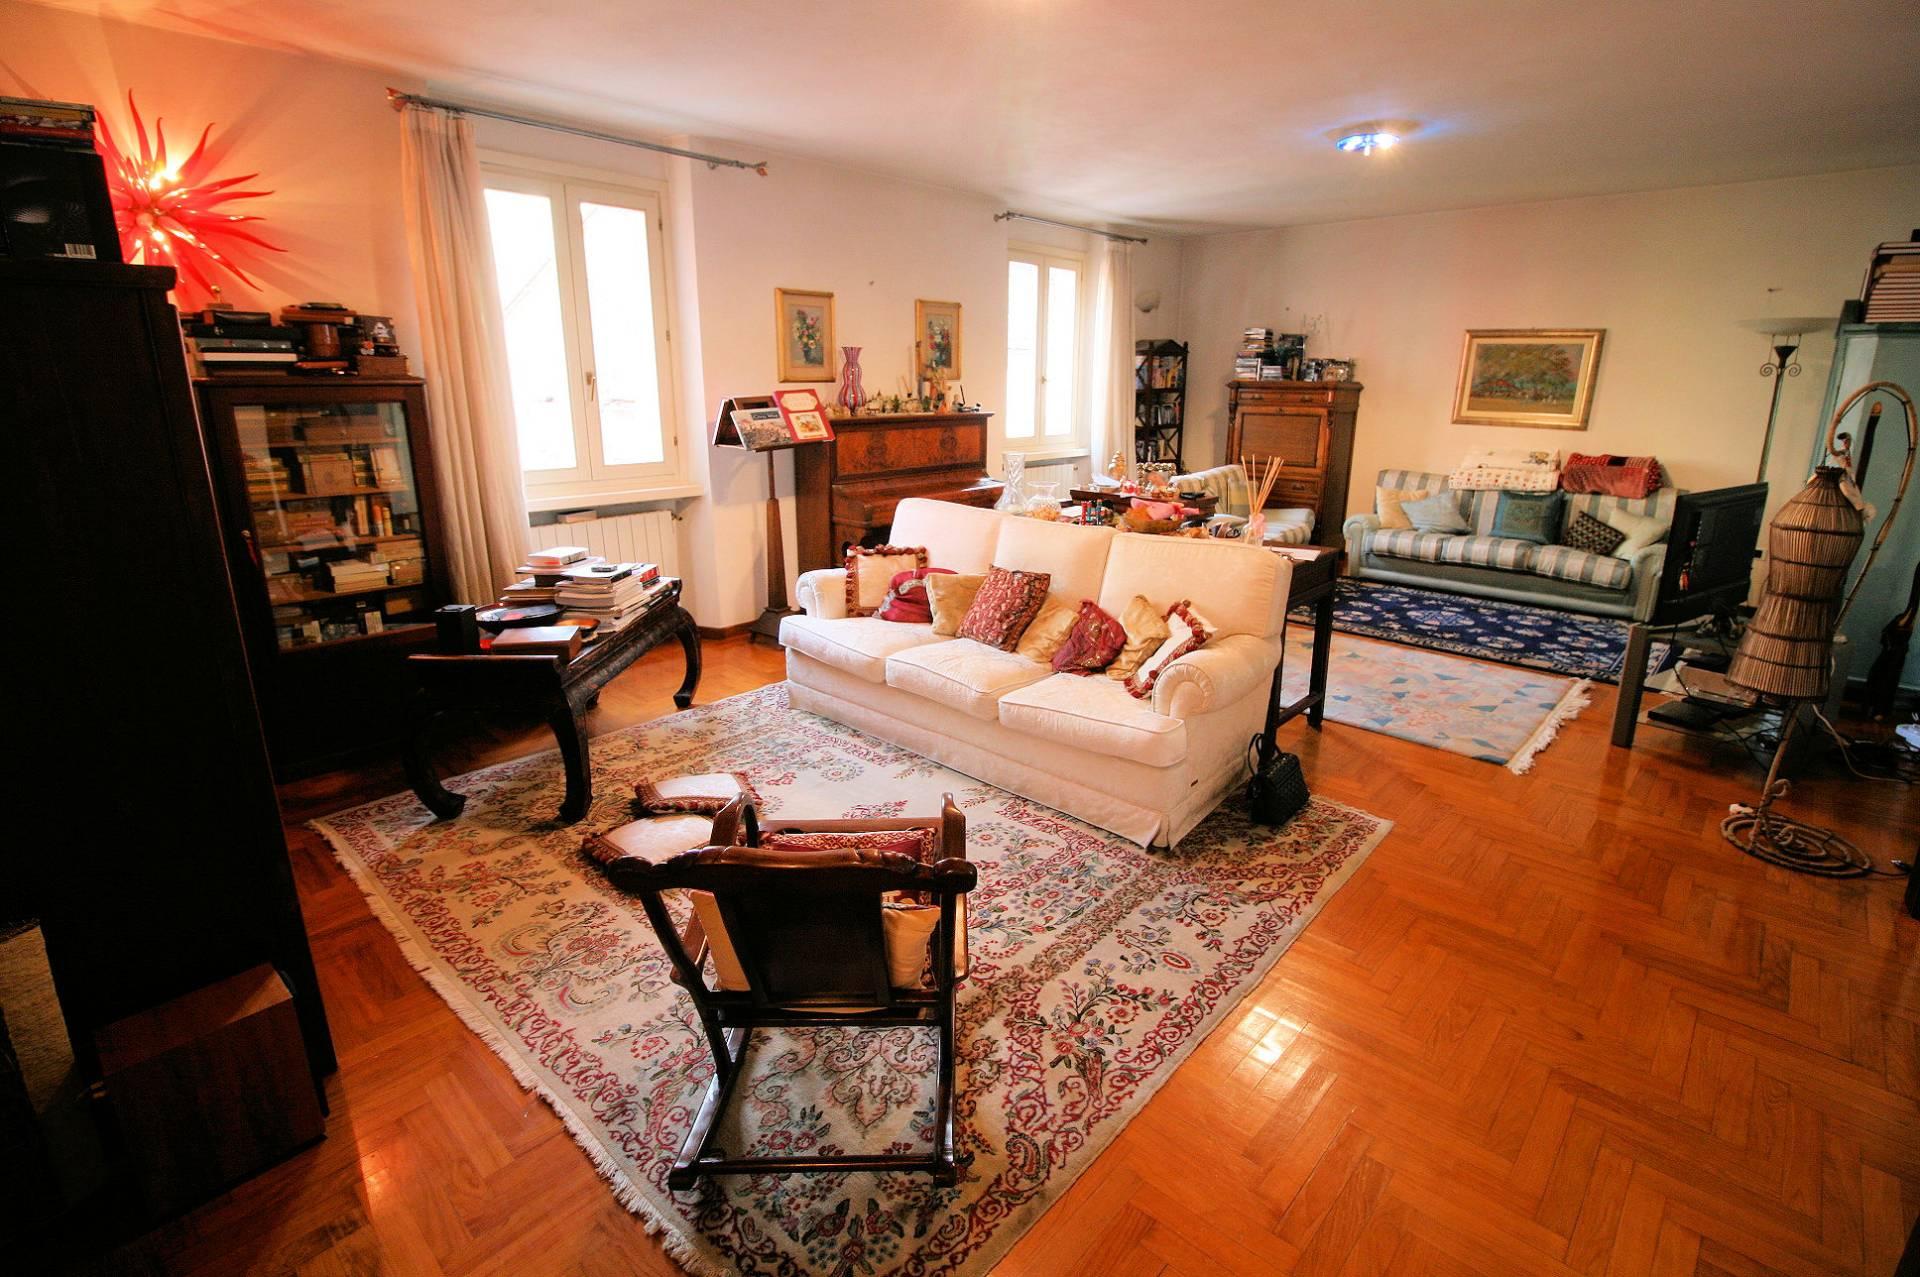 Appartamento in vendita a Montecatini-Terme, 9 locali, prezzo € 255.000 | PortaleAgenzieImmobiliari.it